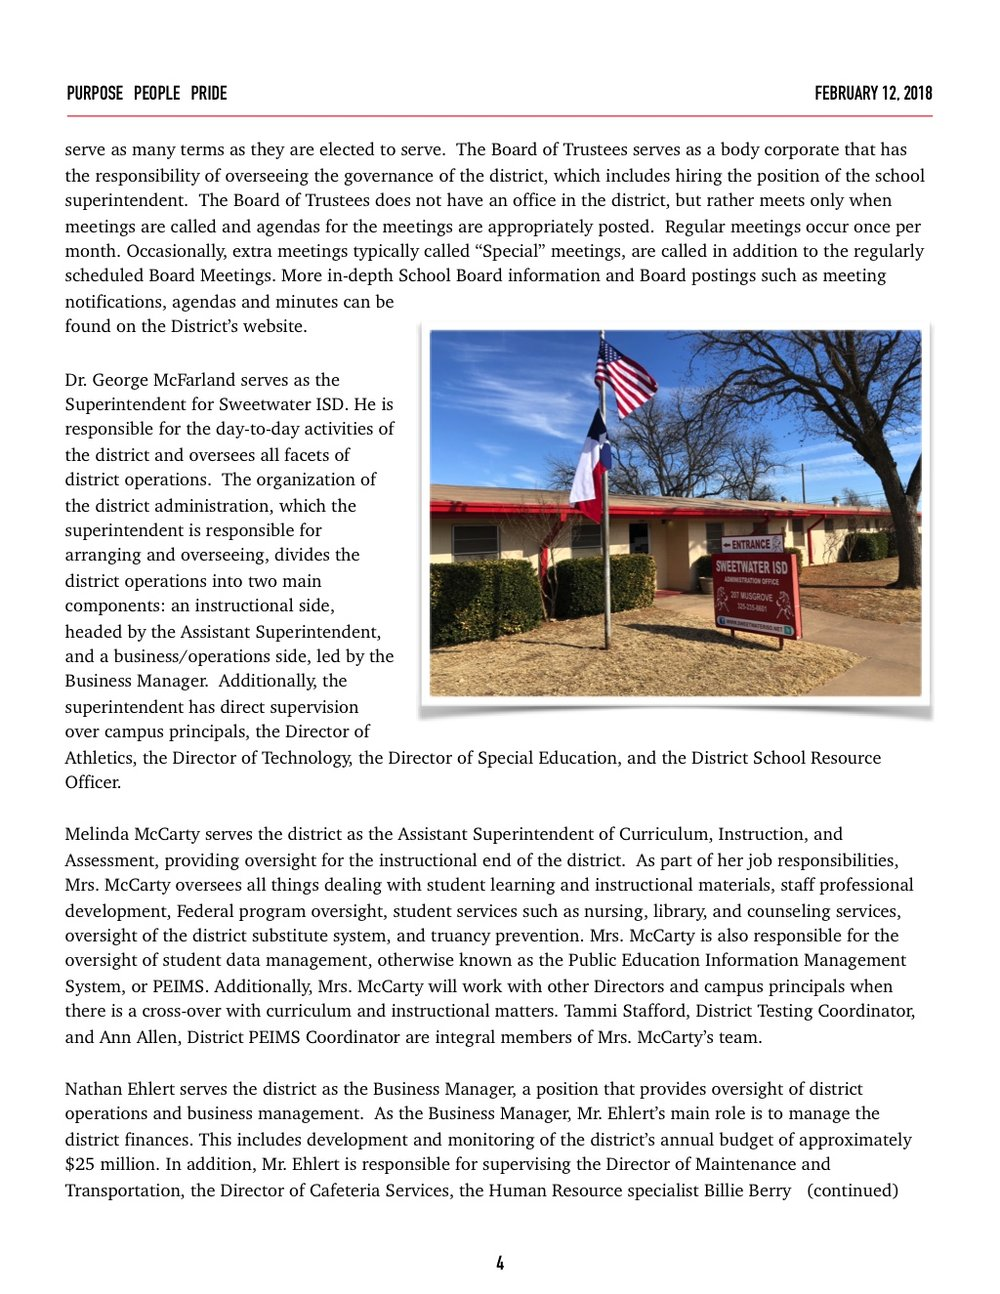 Sweetwater ISD Newsletter February 2018-4.jpg